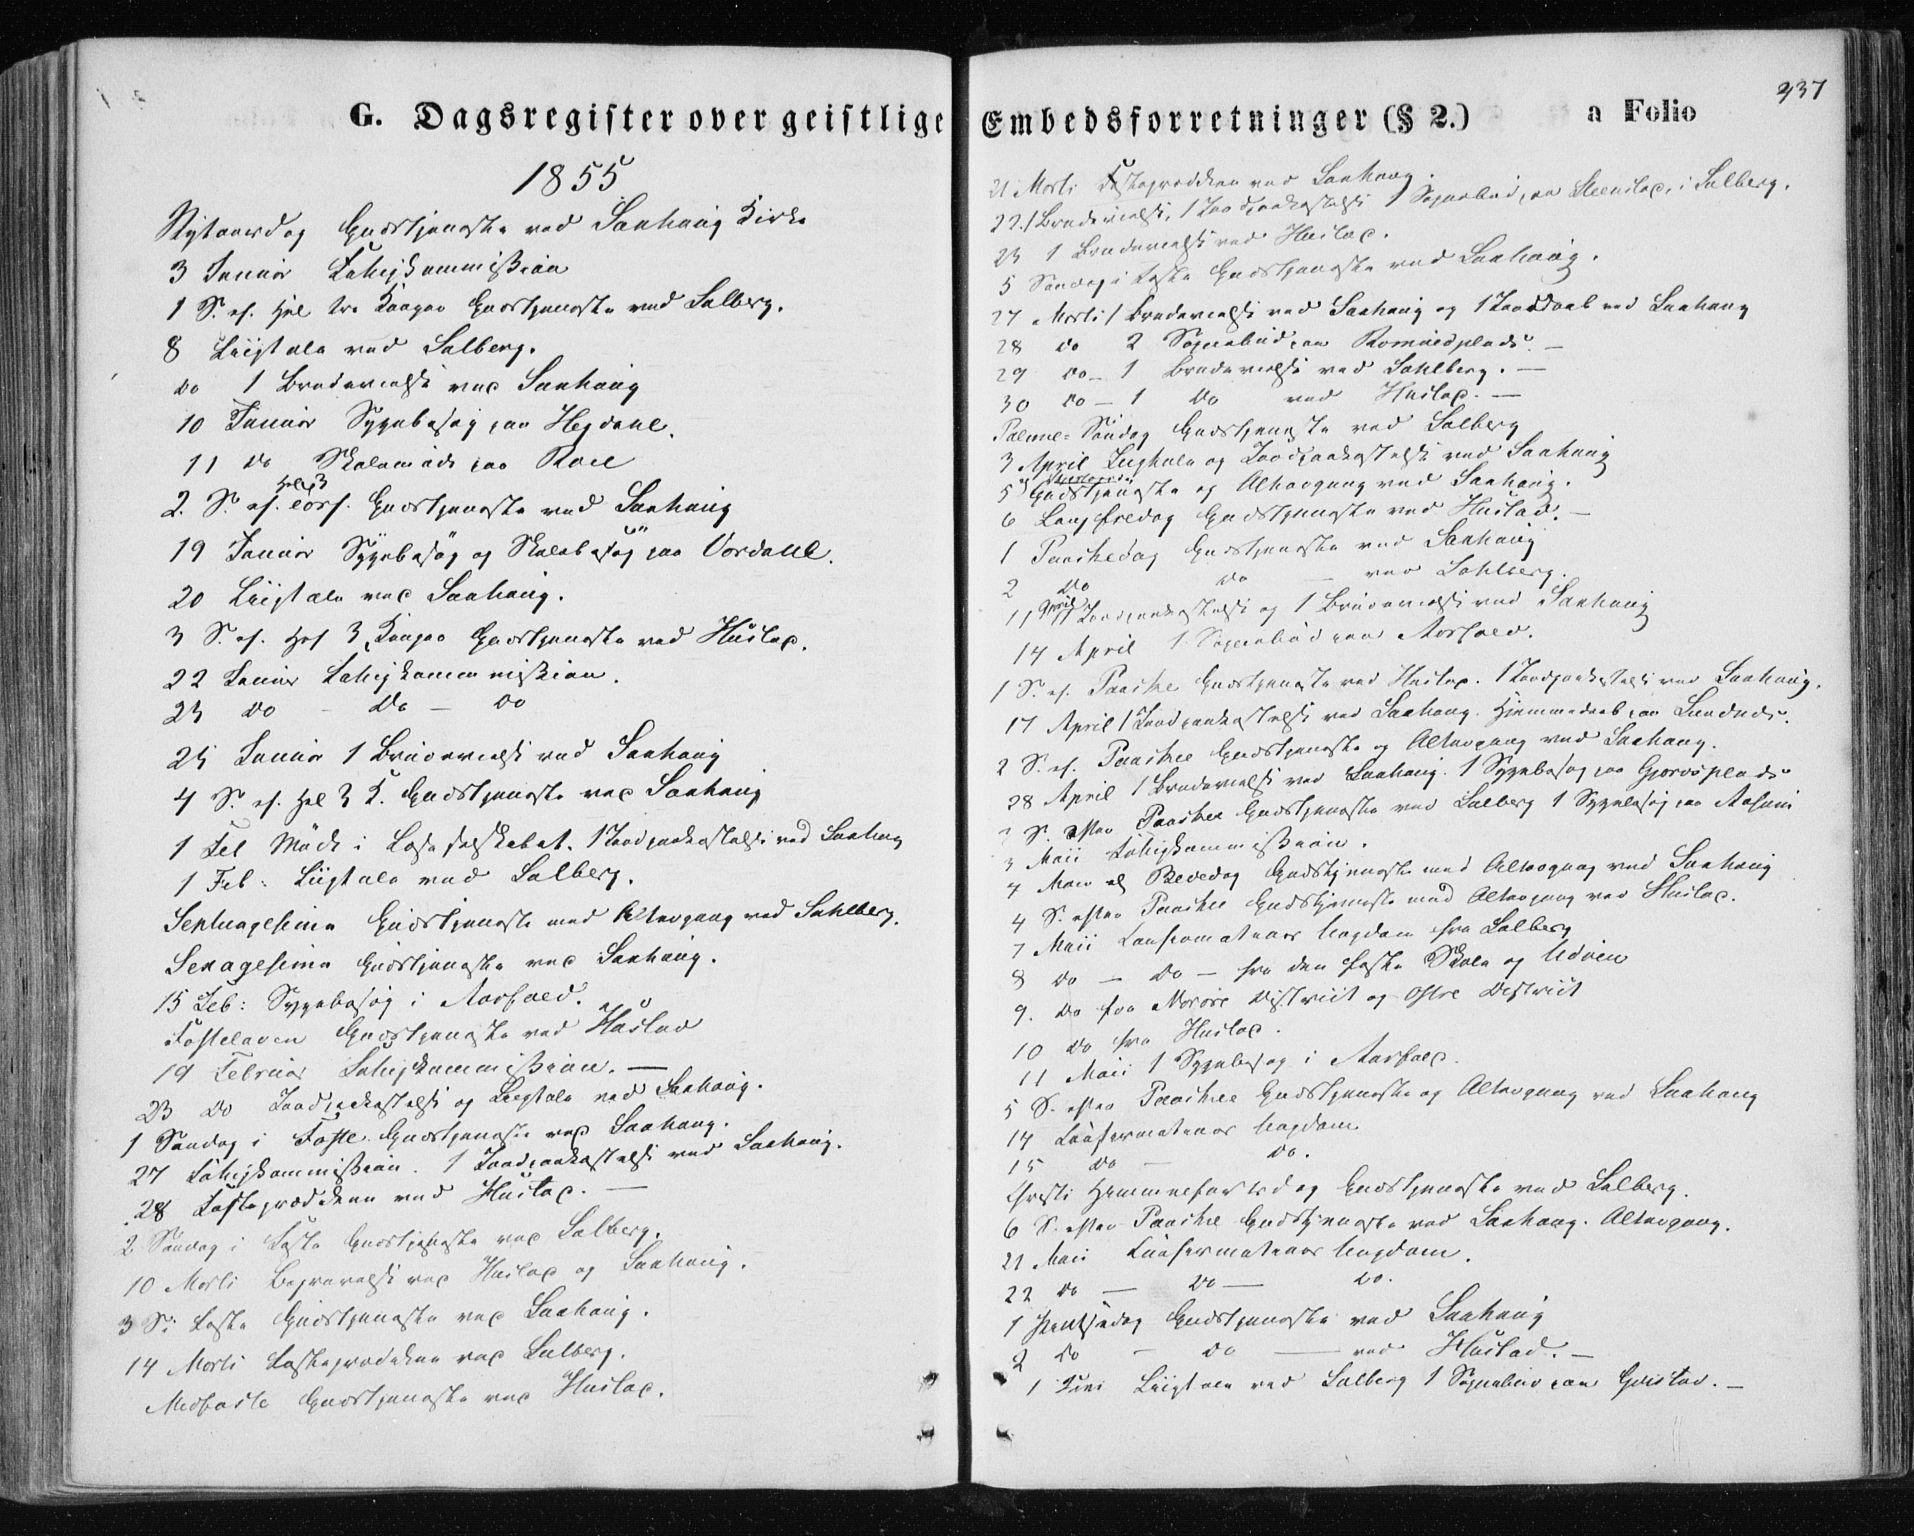 SAT, Ministerialprotokoller, klokkerbøker og fødselsregistre - Nord-Trøndelag, 730/L0283: Ministerialbok nr. 730A08, 1855-1865, s. 437